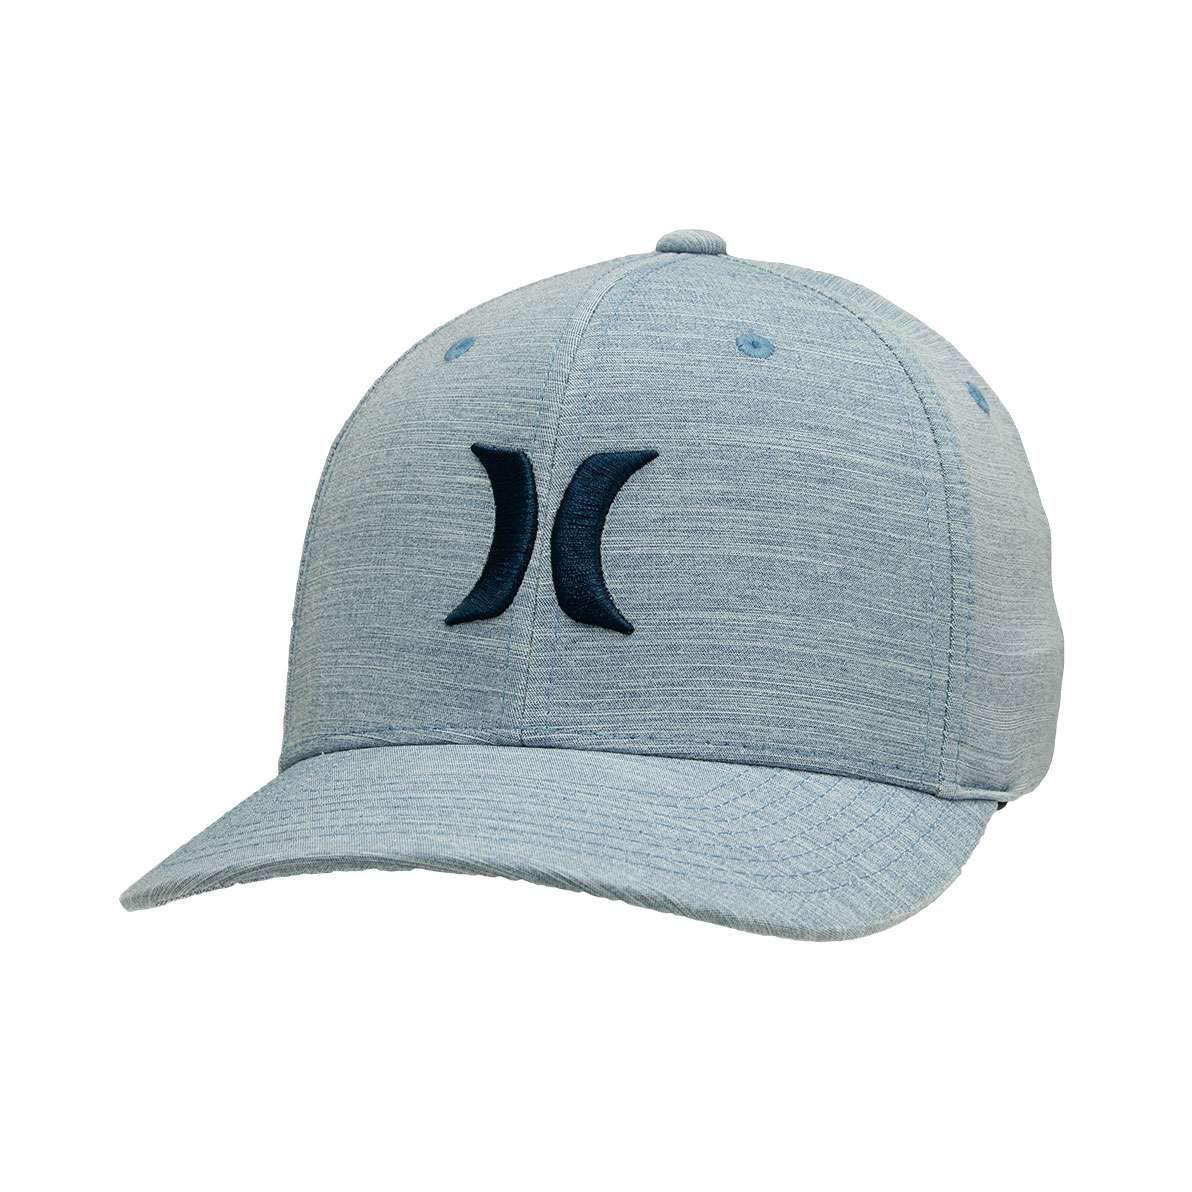 Hurley Dri-Fit Cutback Hat - Mystic Navy: Amazon.es: Ropa y accesorios